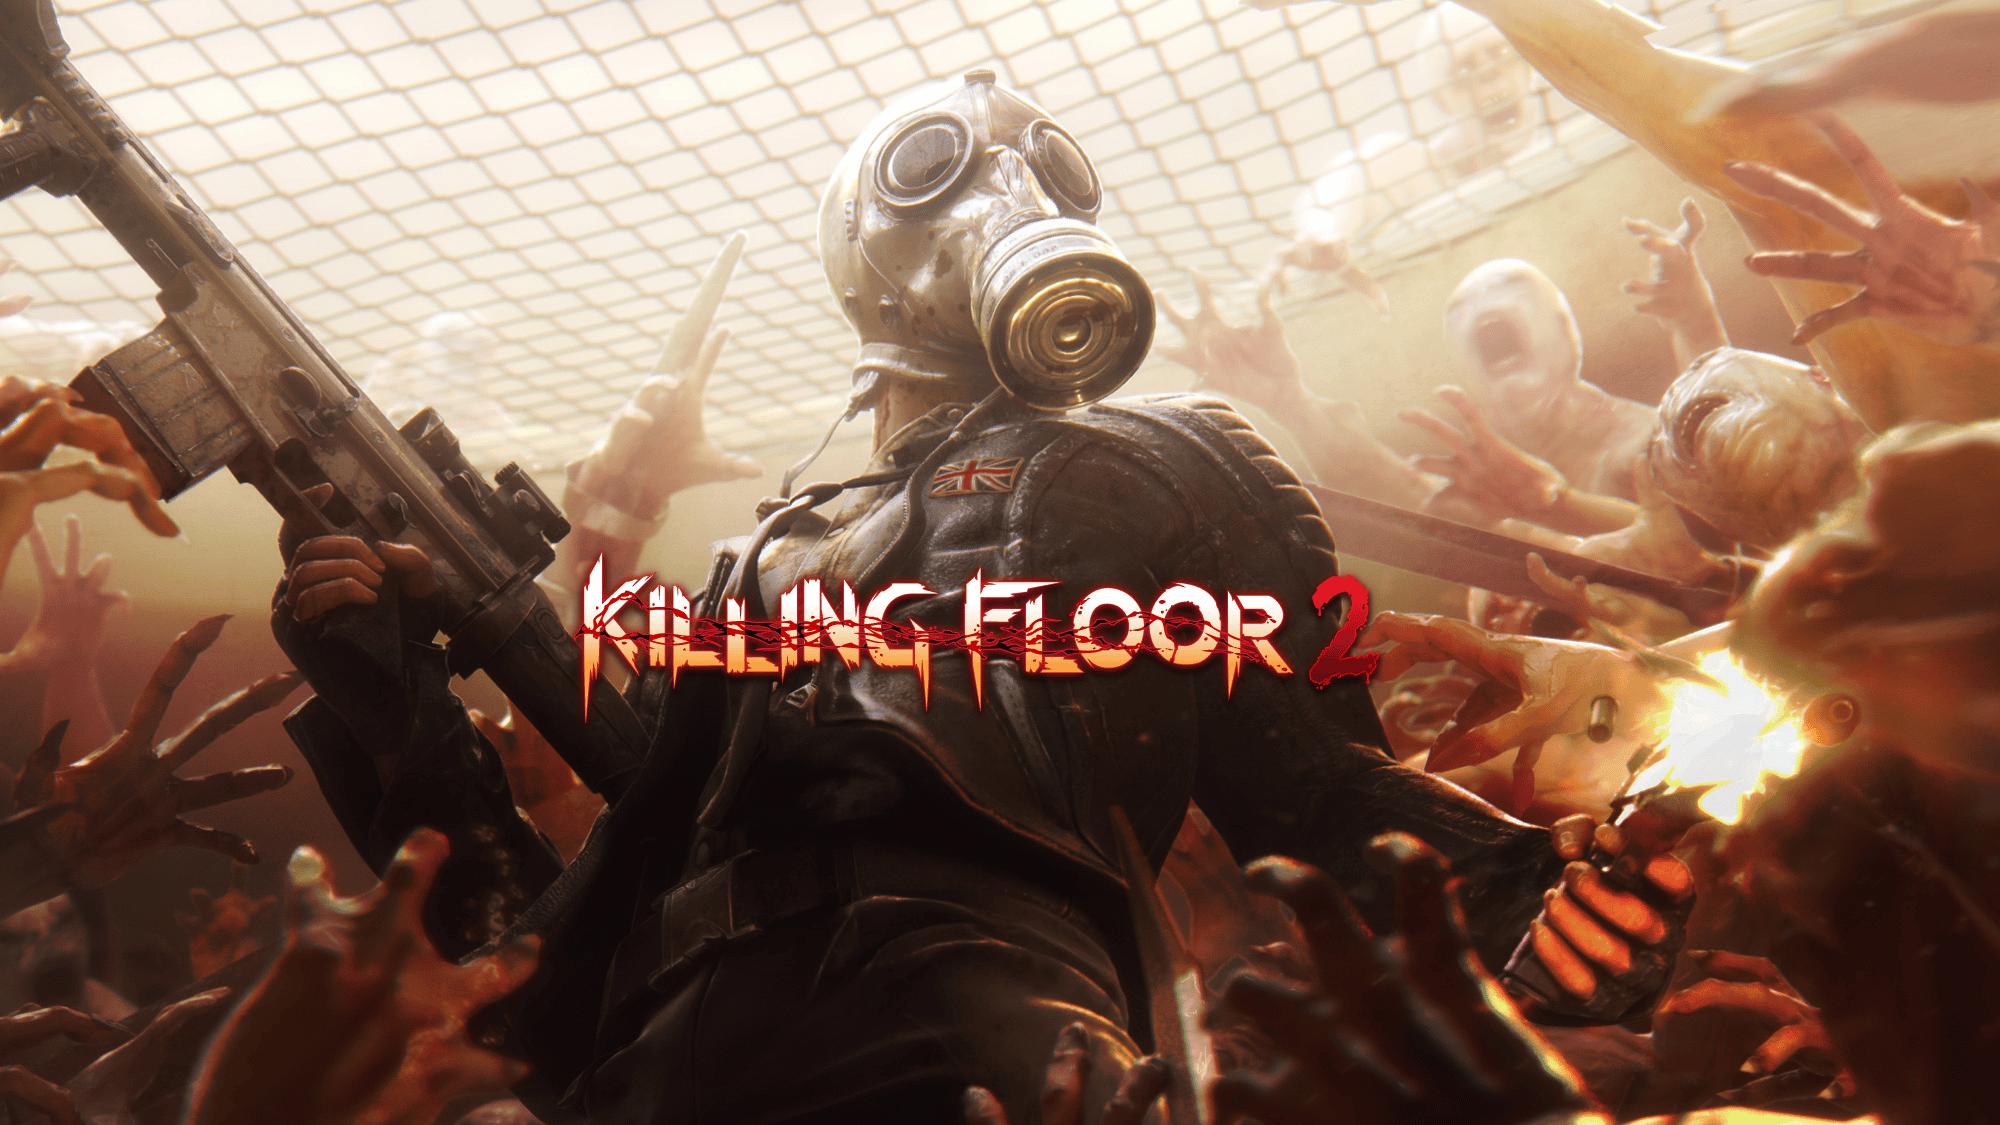 Killing Floor 2 telecharger gratuit de PC et Torrent